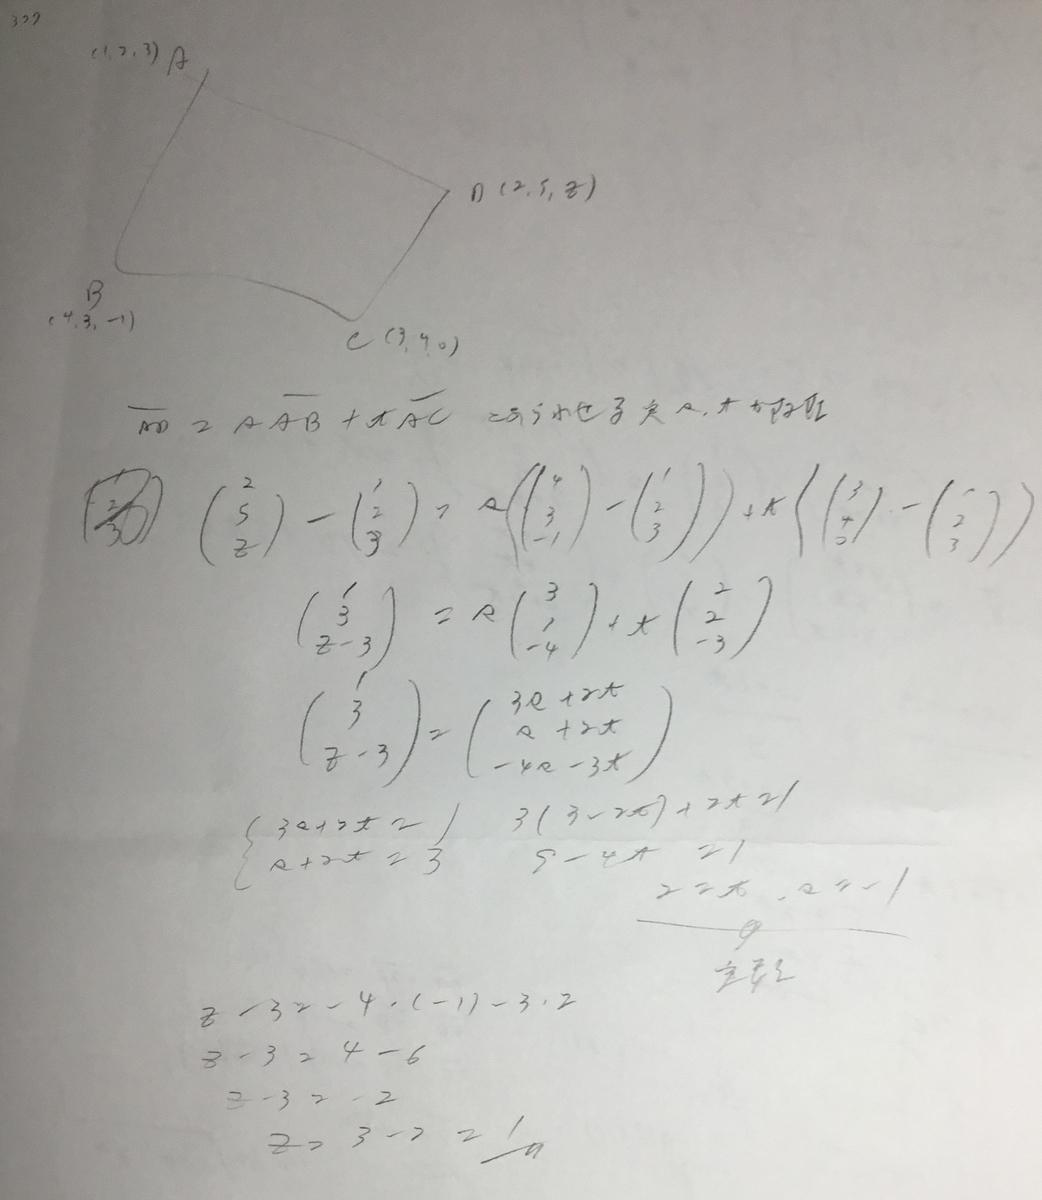 f:id:manaveemath:20200307235247j:plain